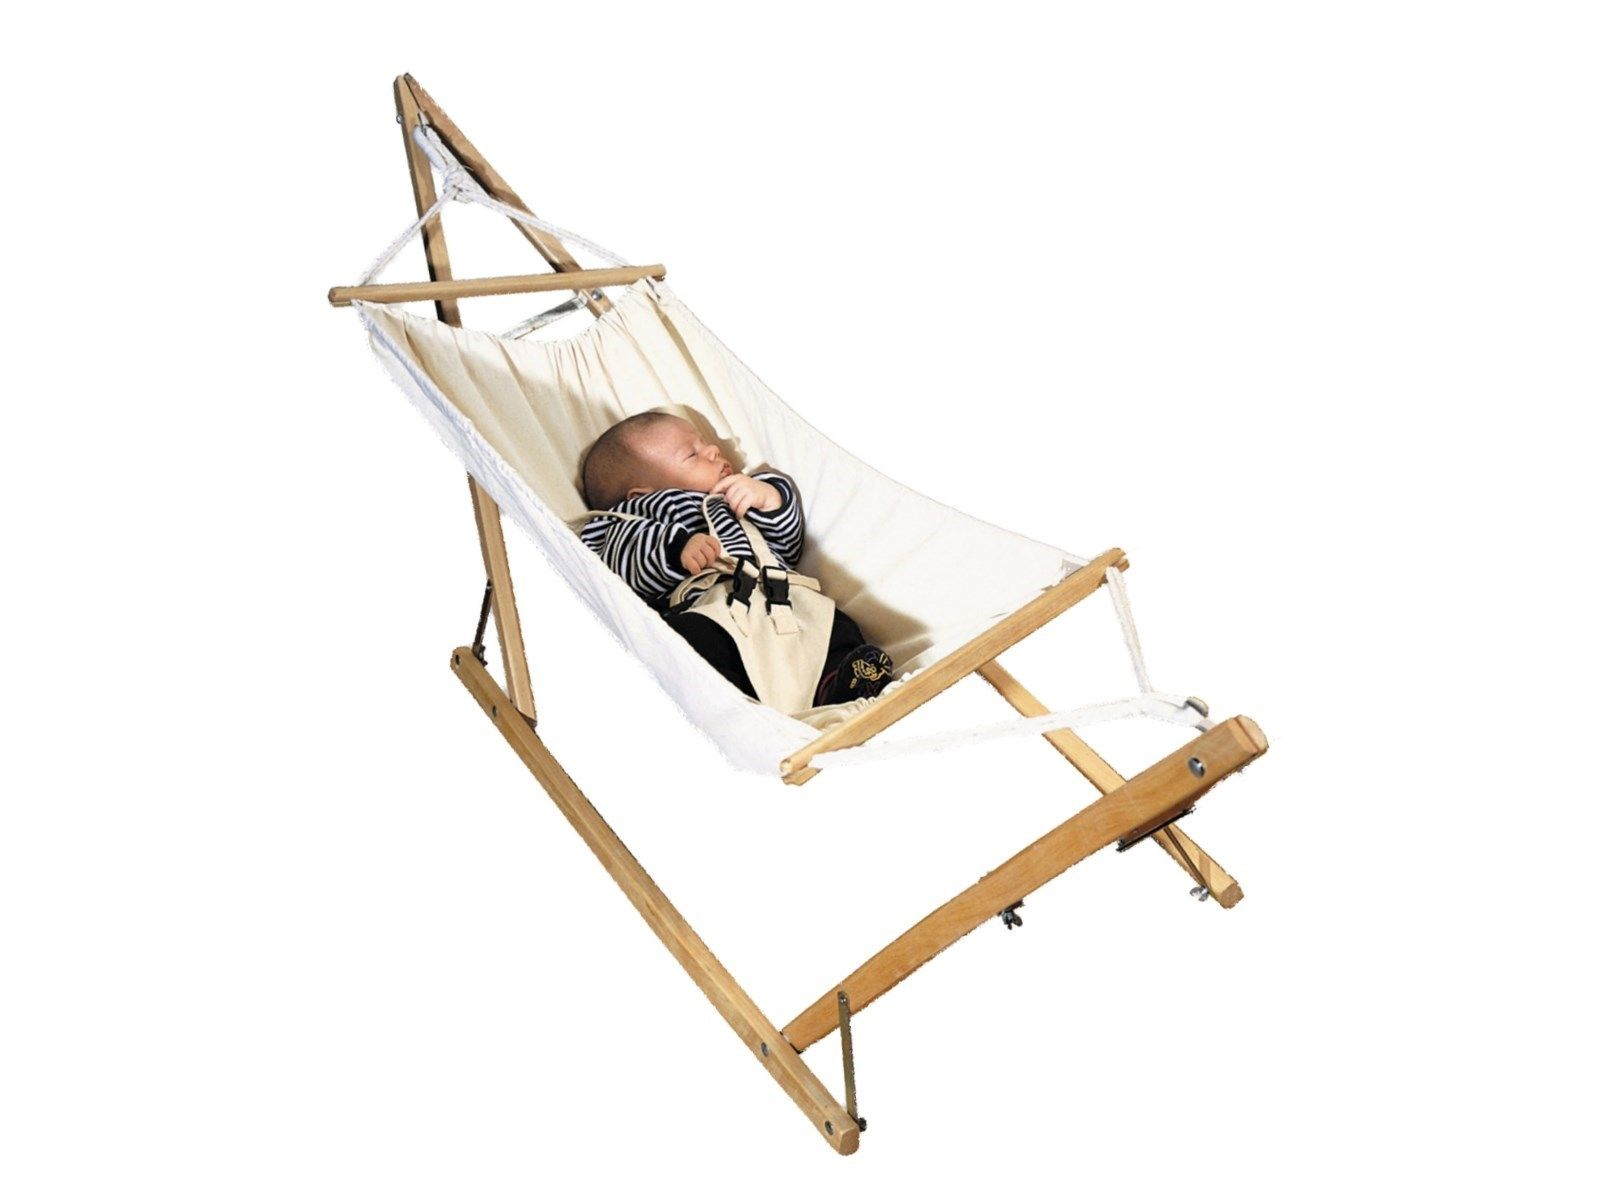 Babyhangematte Koala Mit Gestell Aus Eschenholz Von Amazonas 40 X 55 X 150 Cm Baby Hangematte Esche Holz Baby